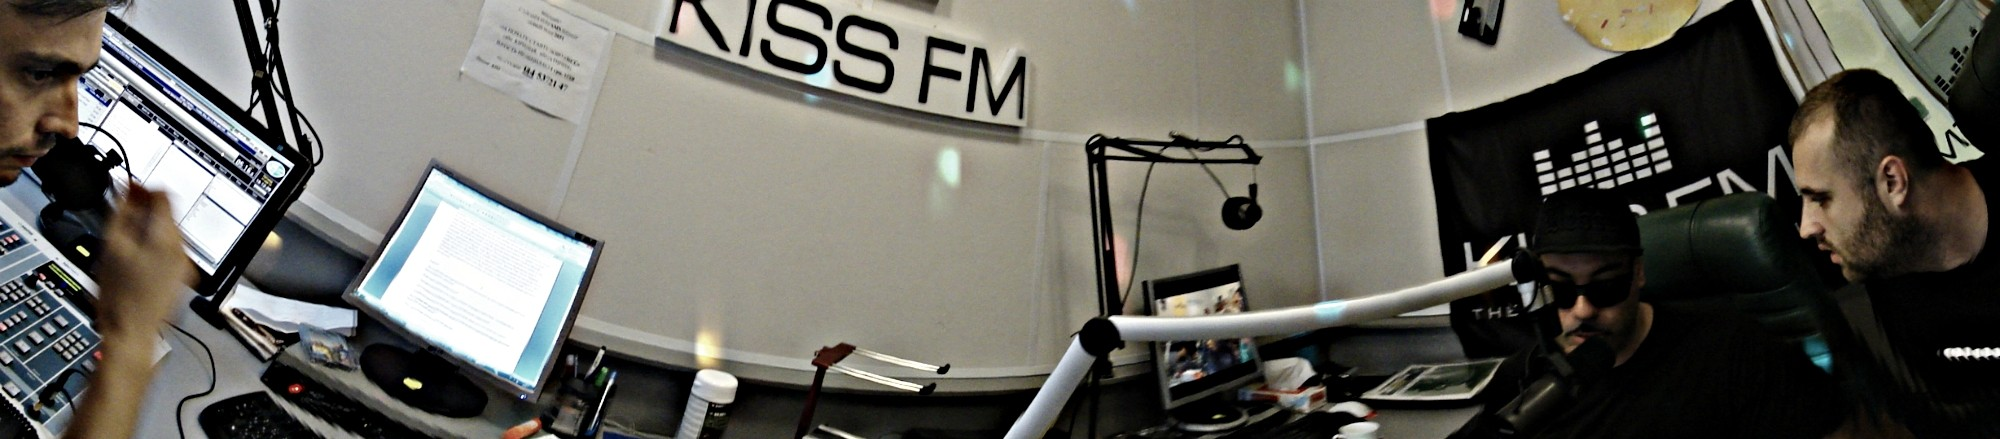 Roger Sanchez@Kiss FM